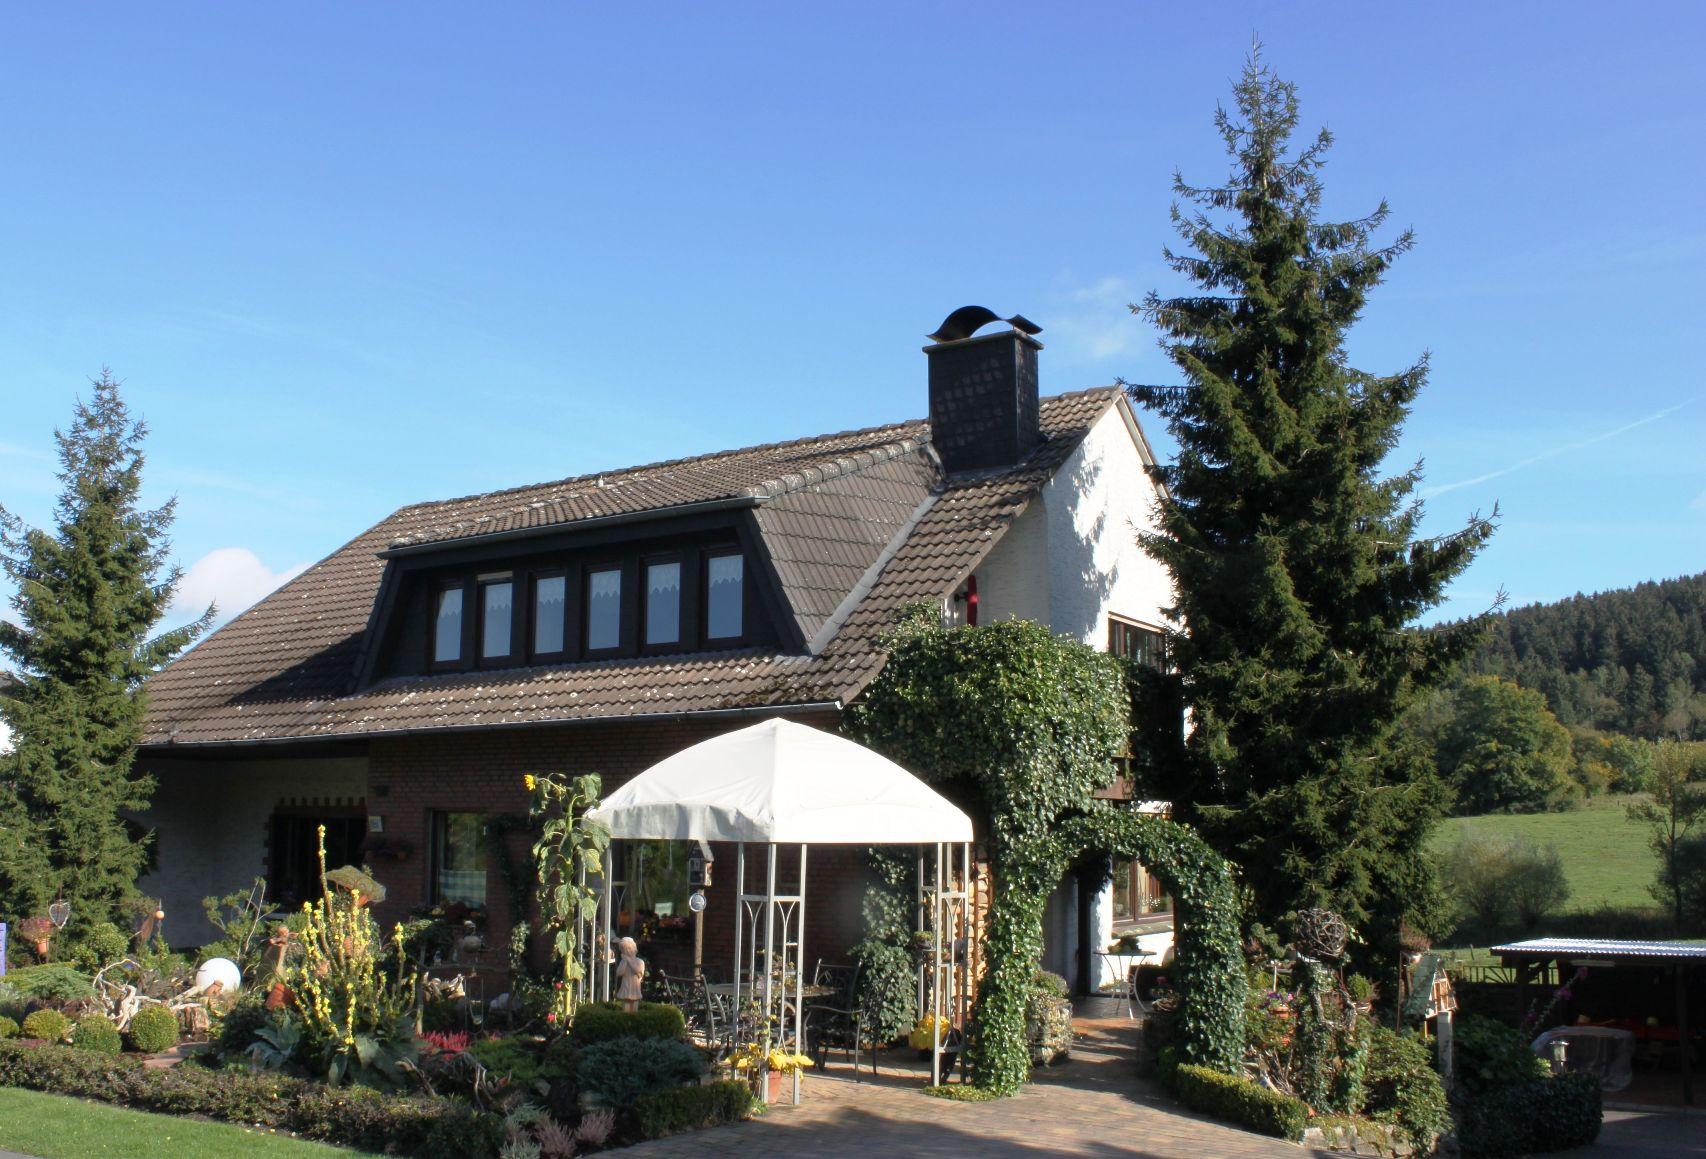 Haus Heidegarten Horn Bad Meinberg - Anbieter Schäfers - Ferienwohnung Nr. 3102901